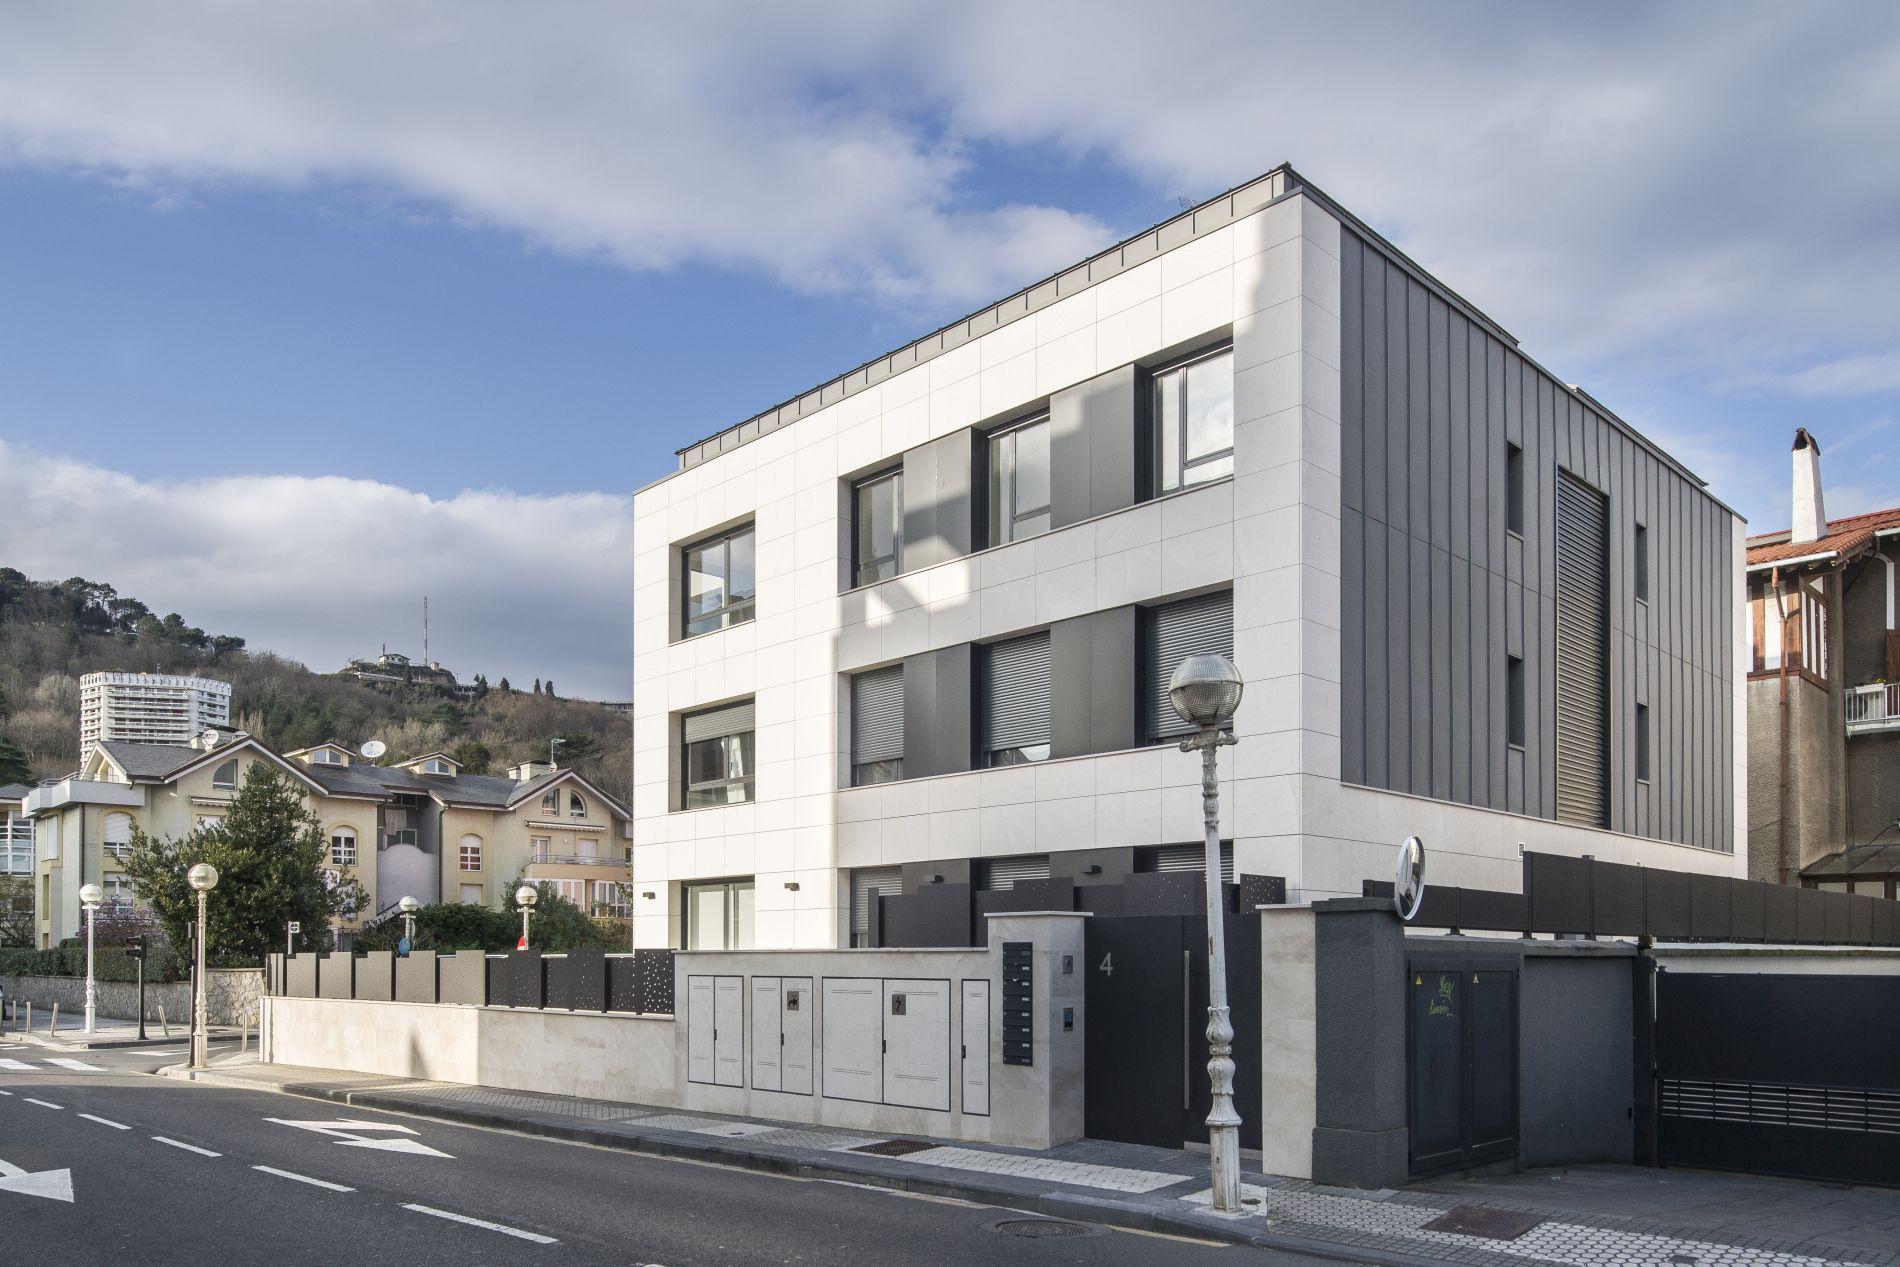 Fiark - 6 viviendas en Infanta Cristina 17 8